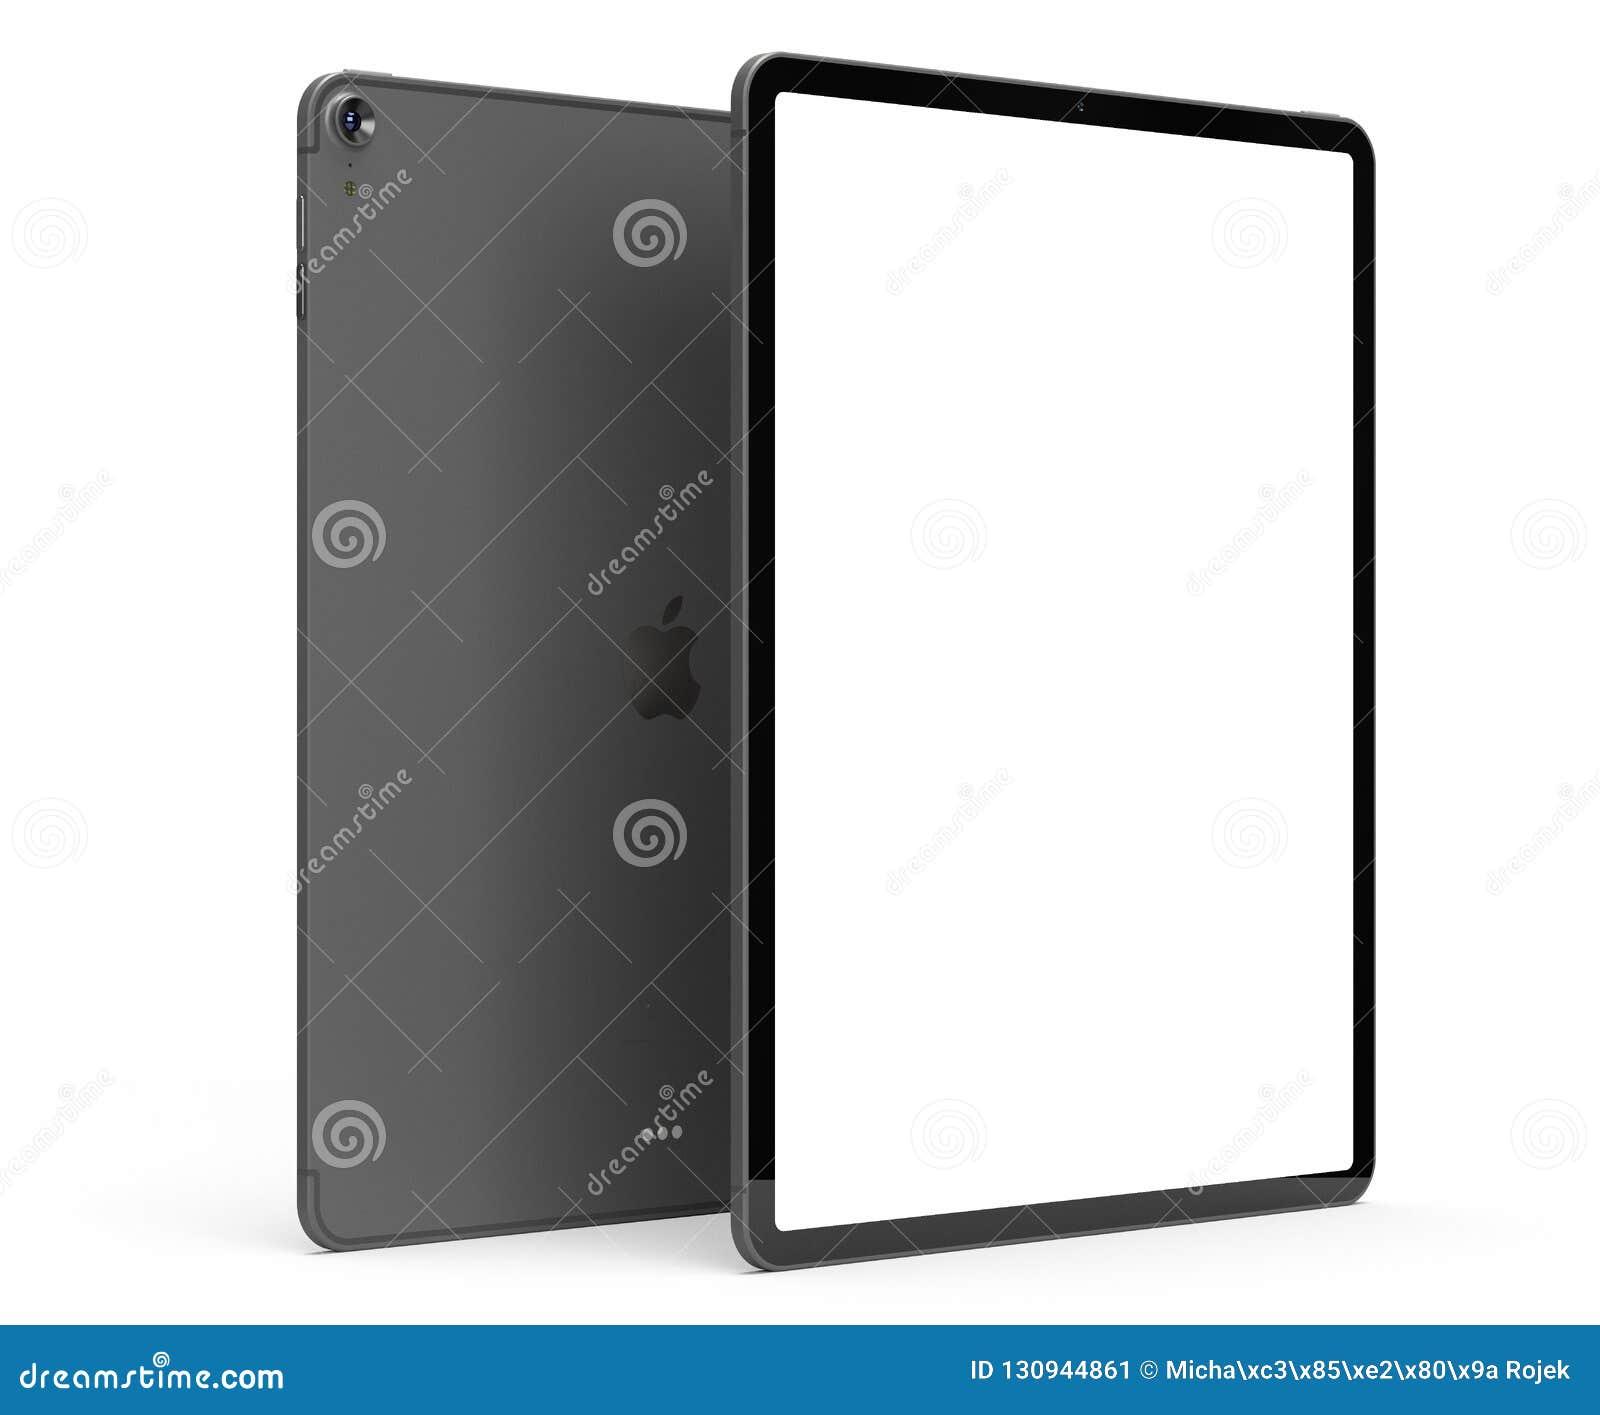 IPad Pro 2018 with blank screen